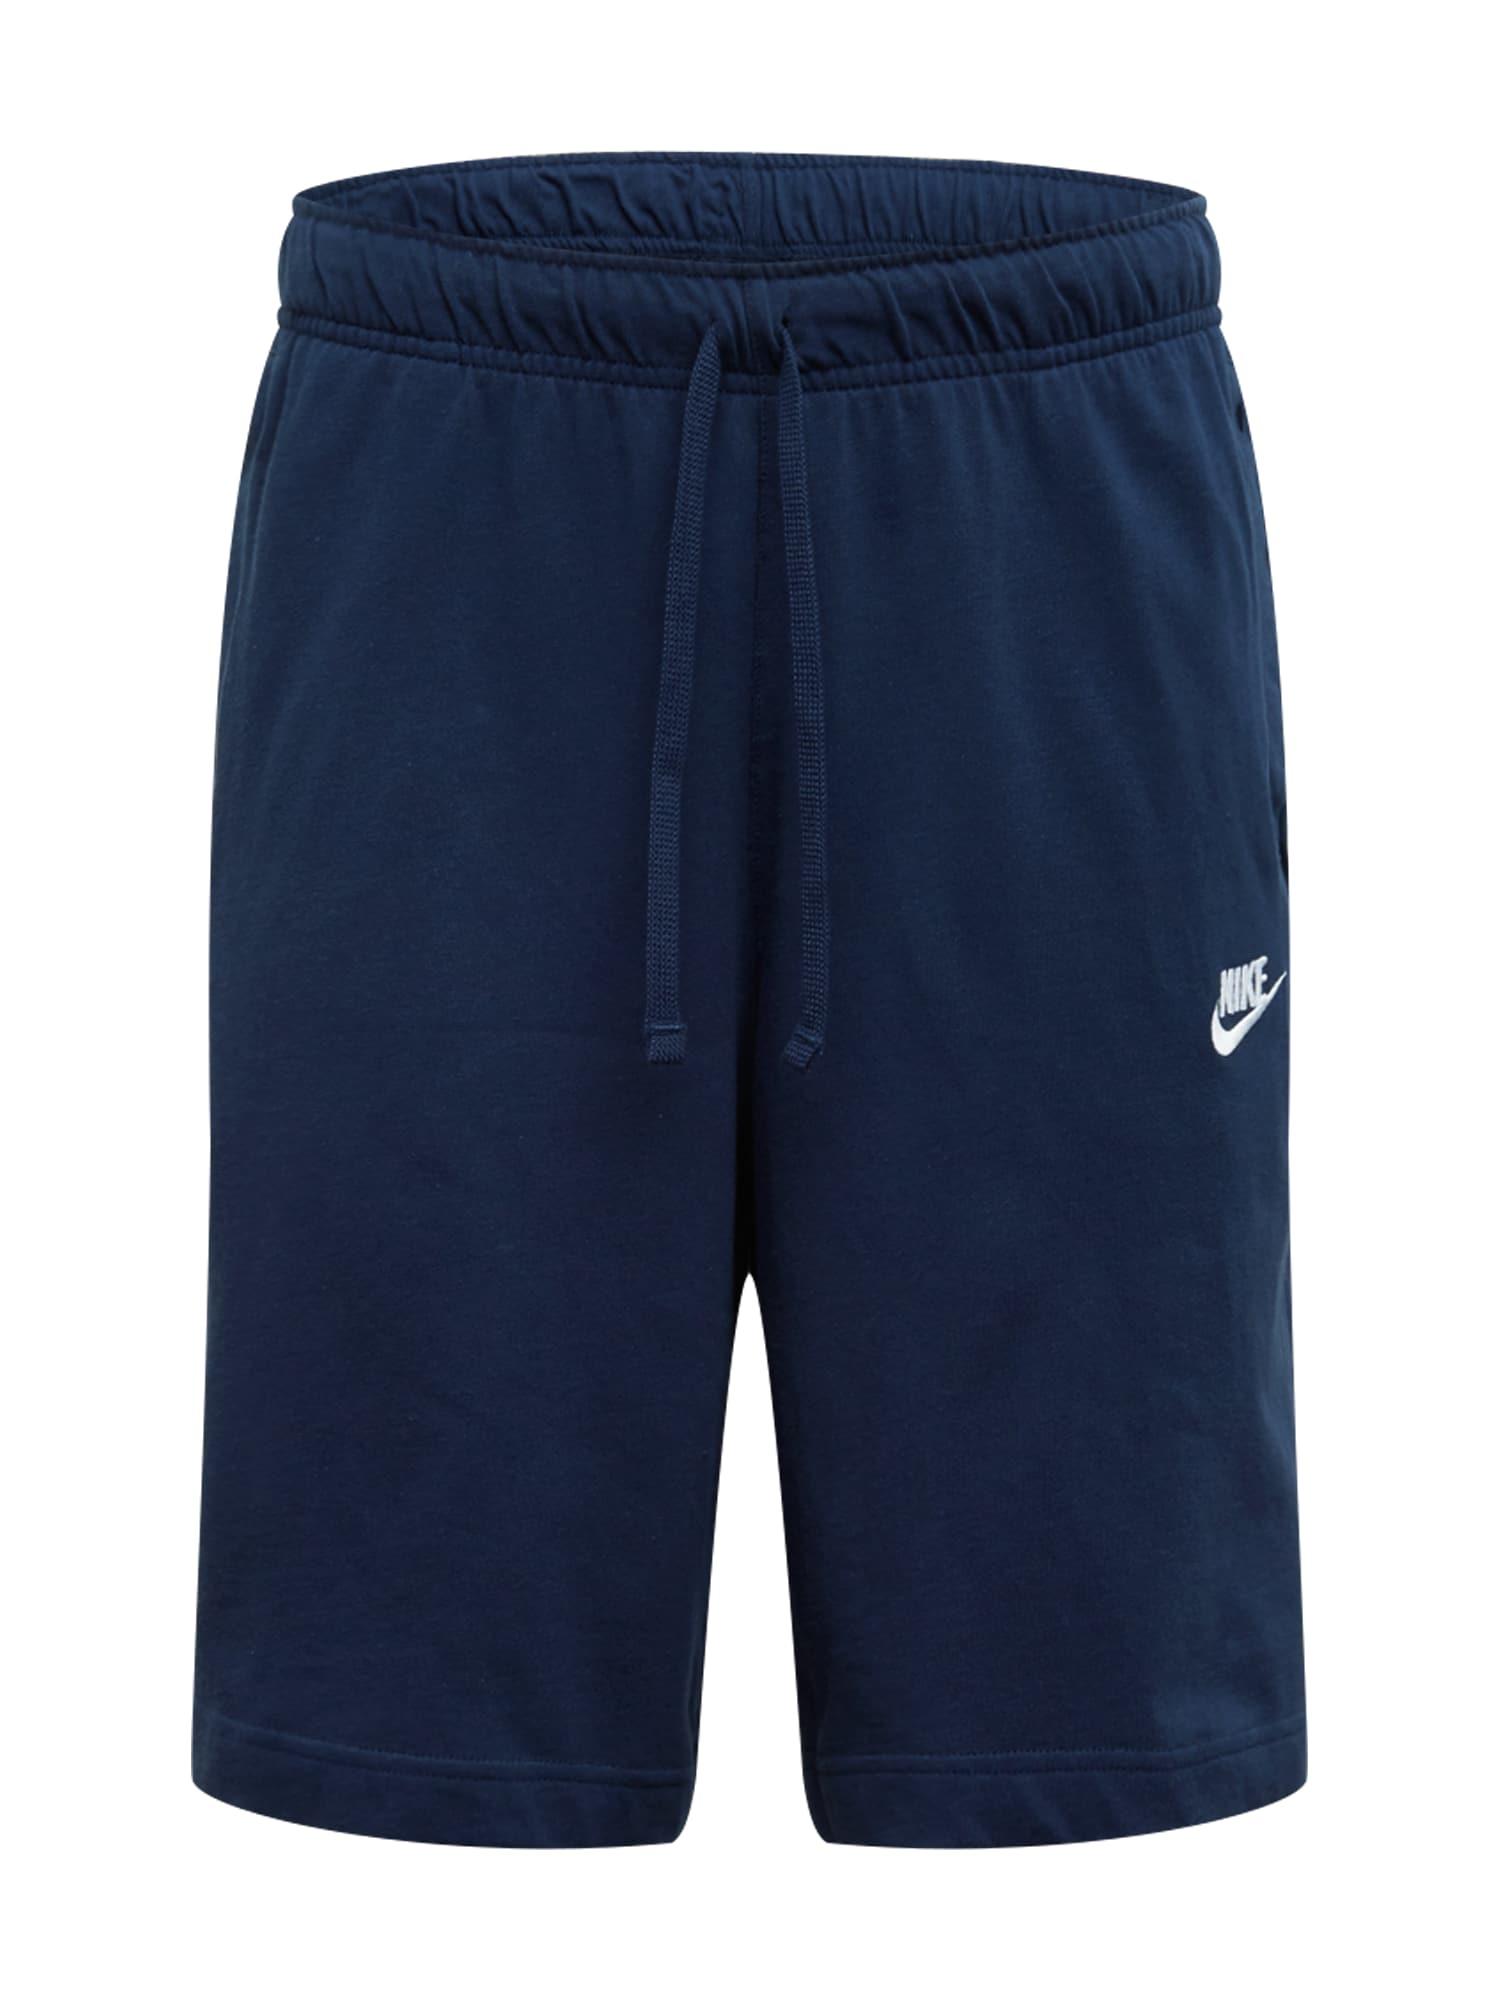 Nike Sportswear Kelnės tamsiai mėlyna jūros spalva / balta